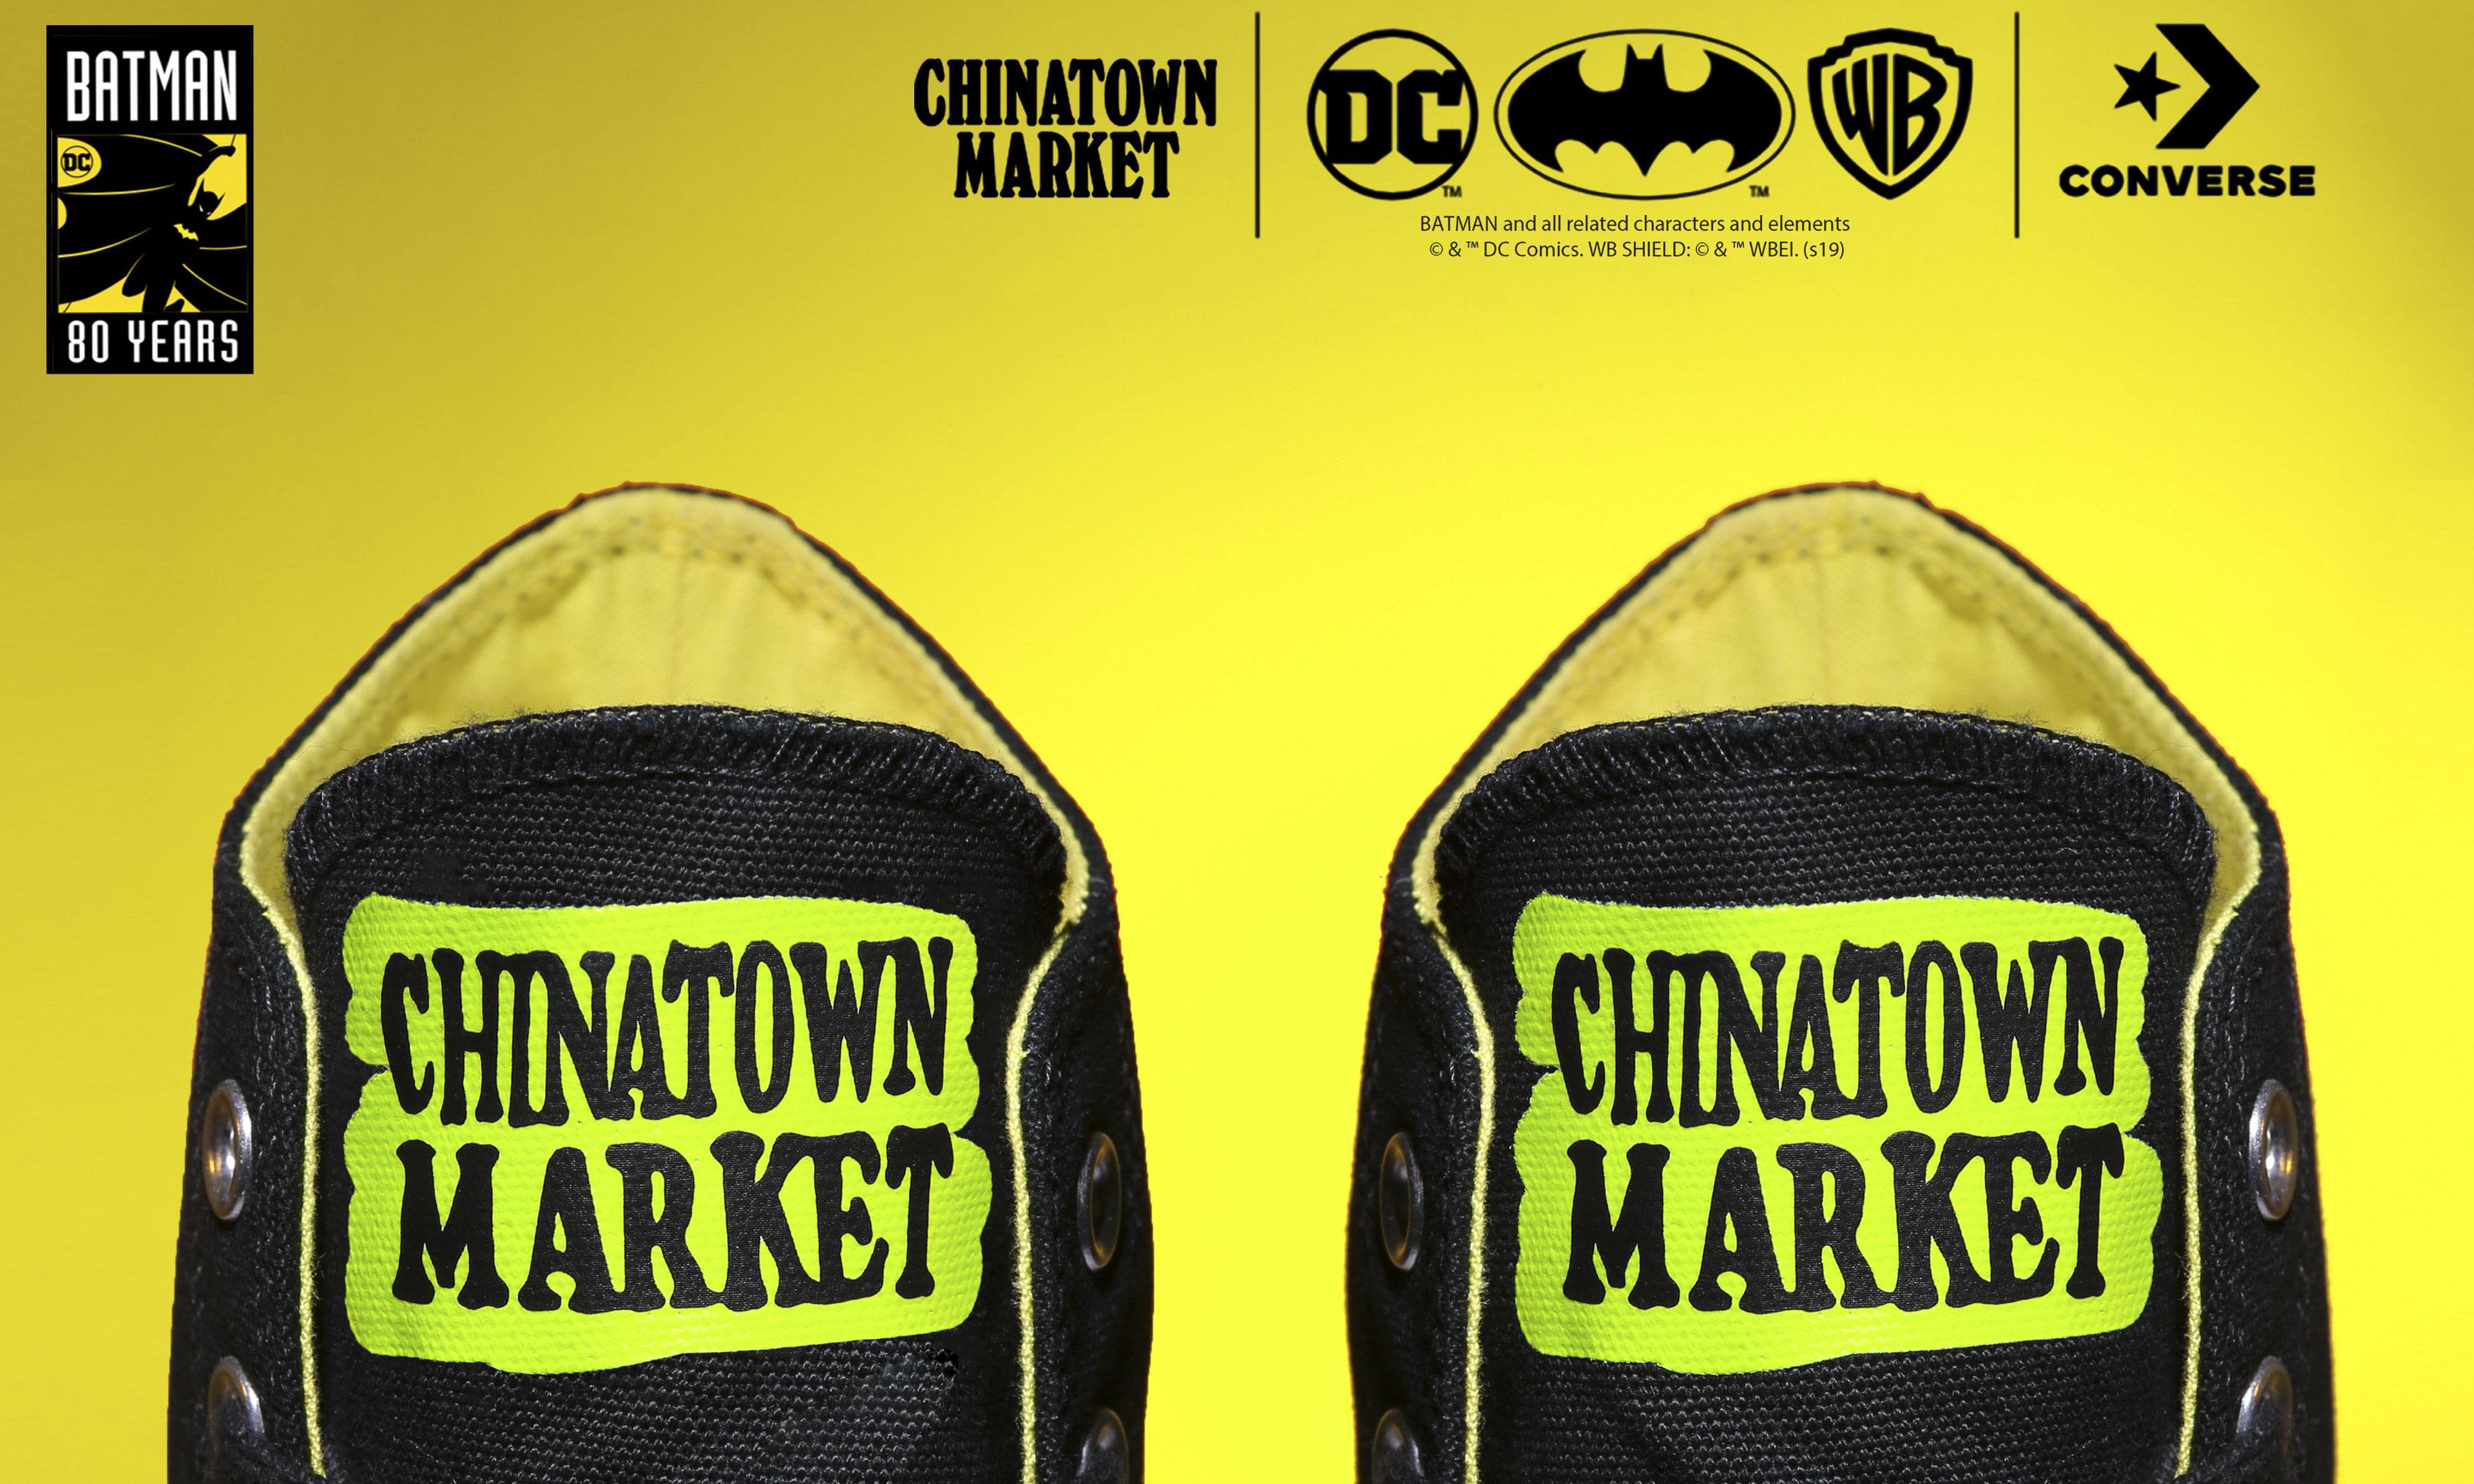 80 周年献礼,Batman x Chinatown Market x CONVERSE 联名 Chuck 70 发布